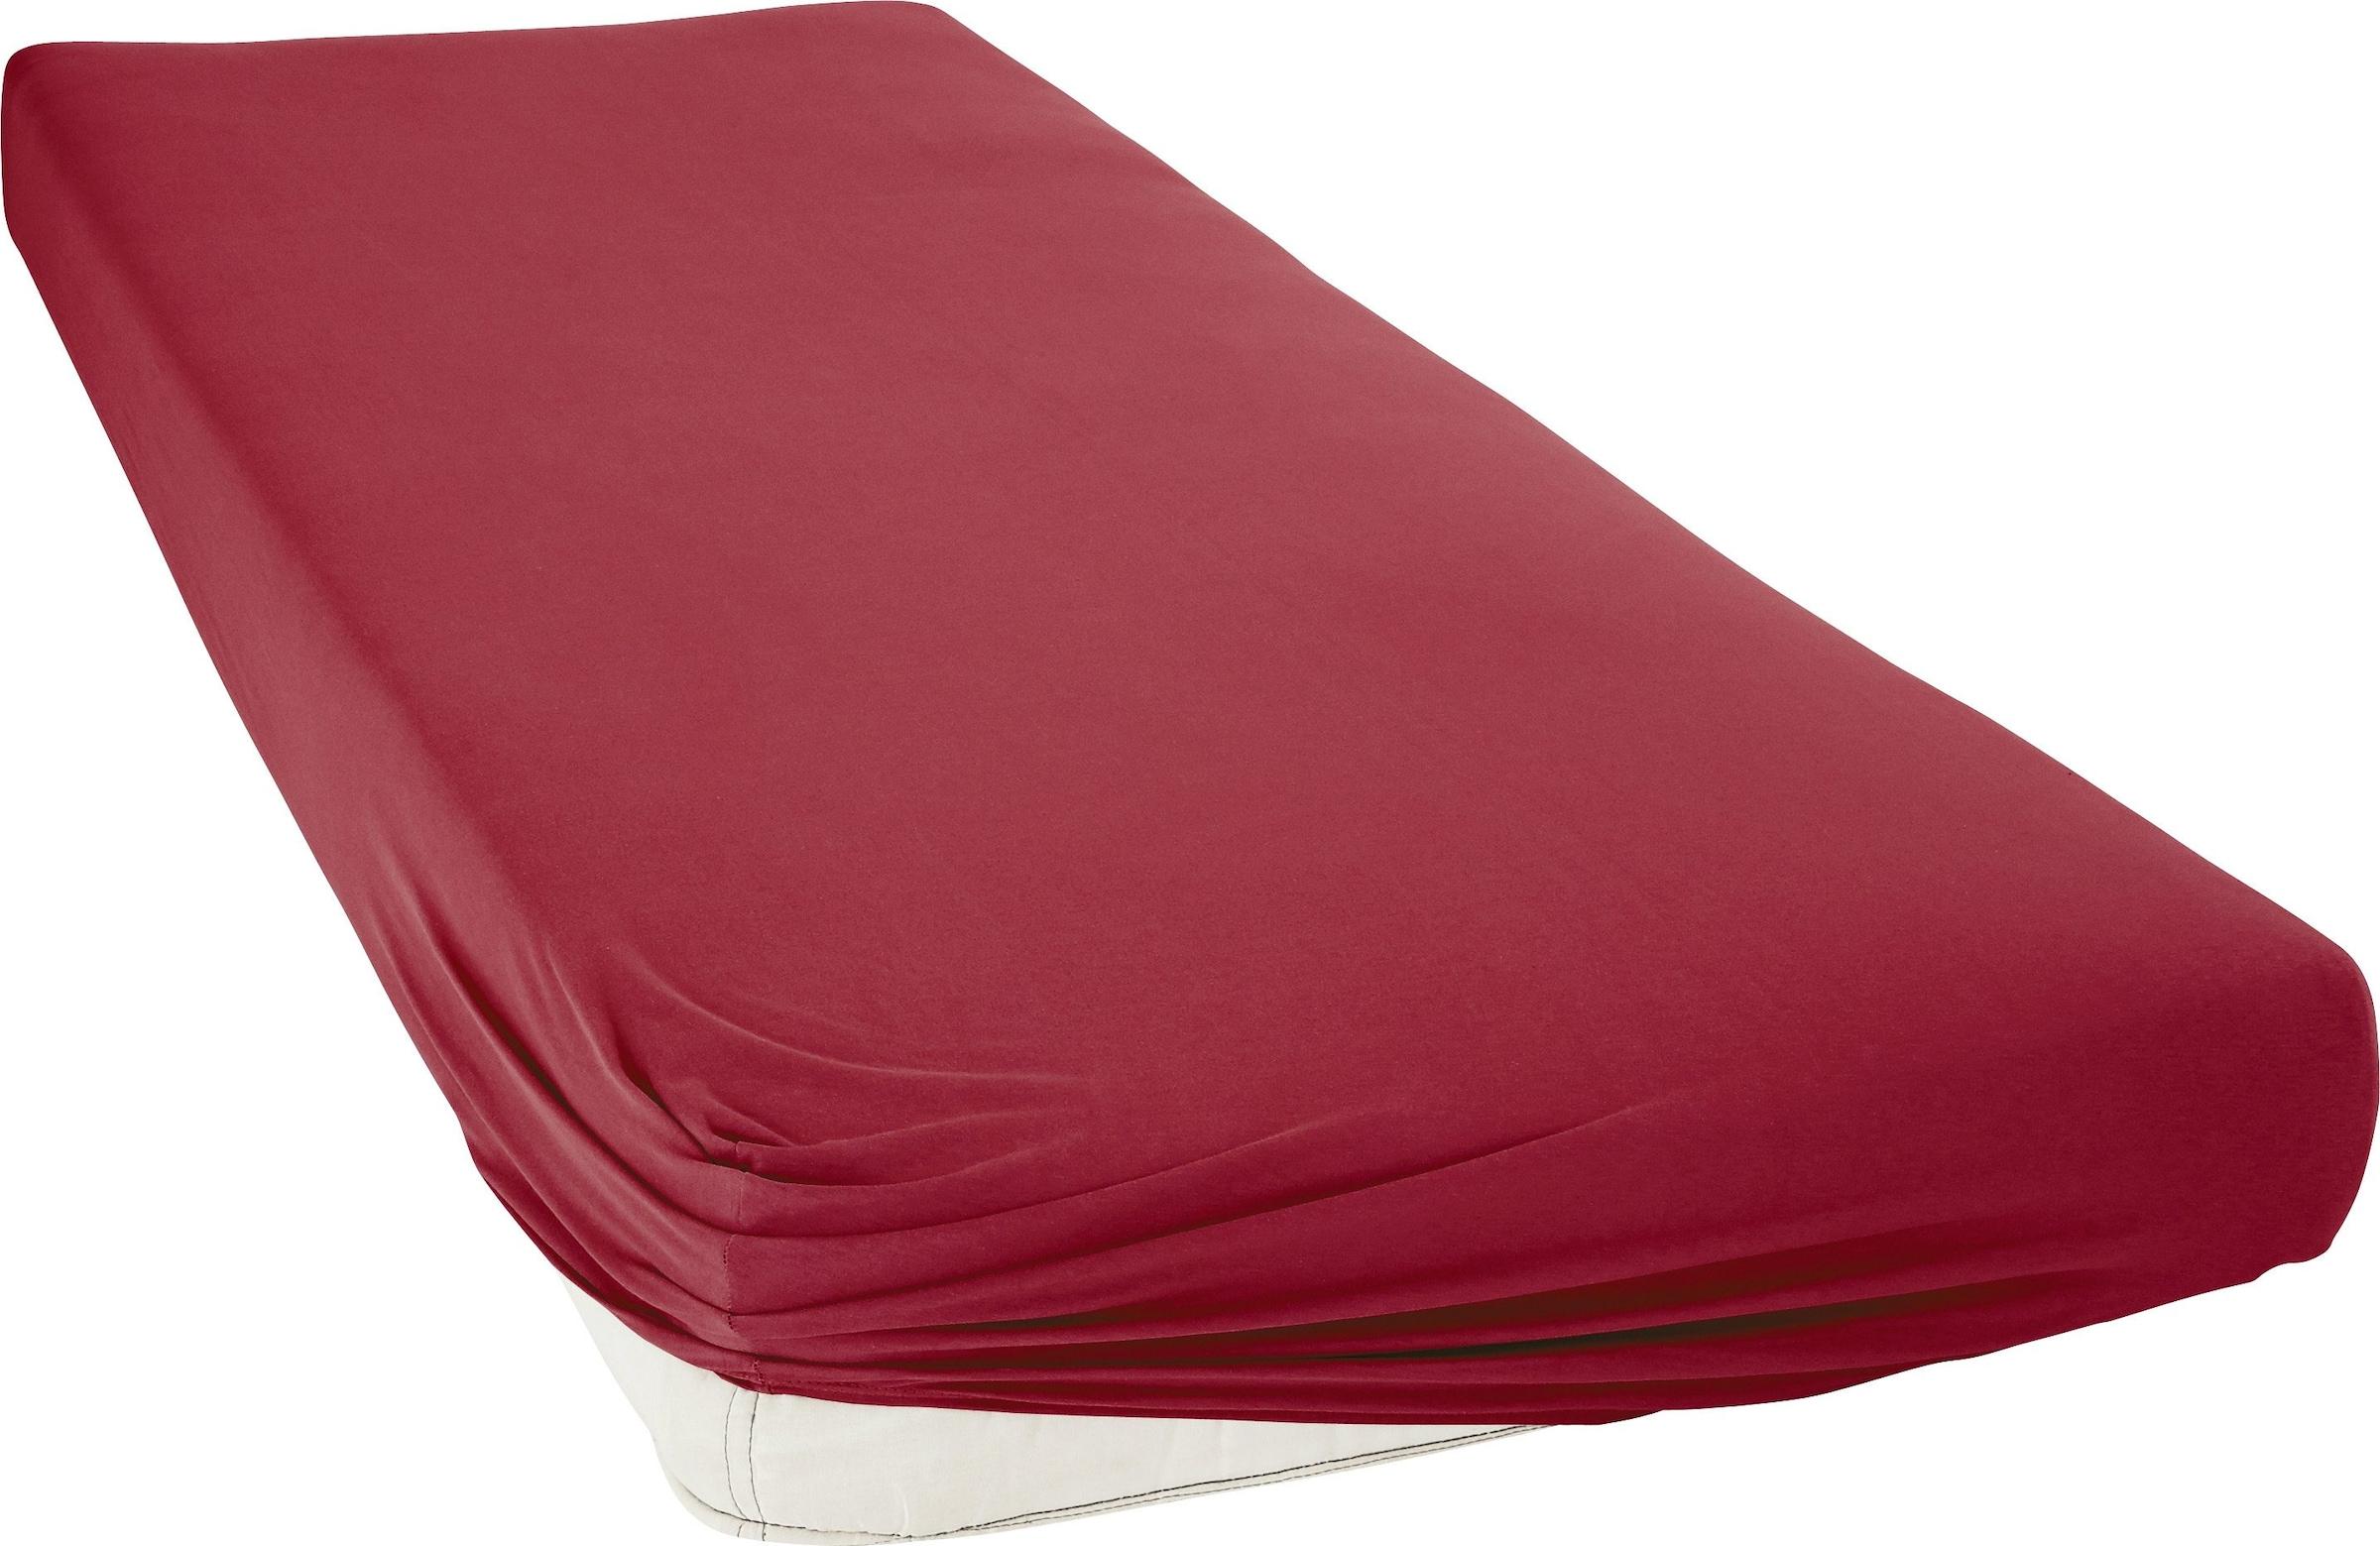 Image of bellana Spannbettlaken »Premium-Stretch«, aus Mako-Jersey mit Elasthan für hohe Matratzen